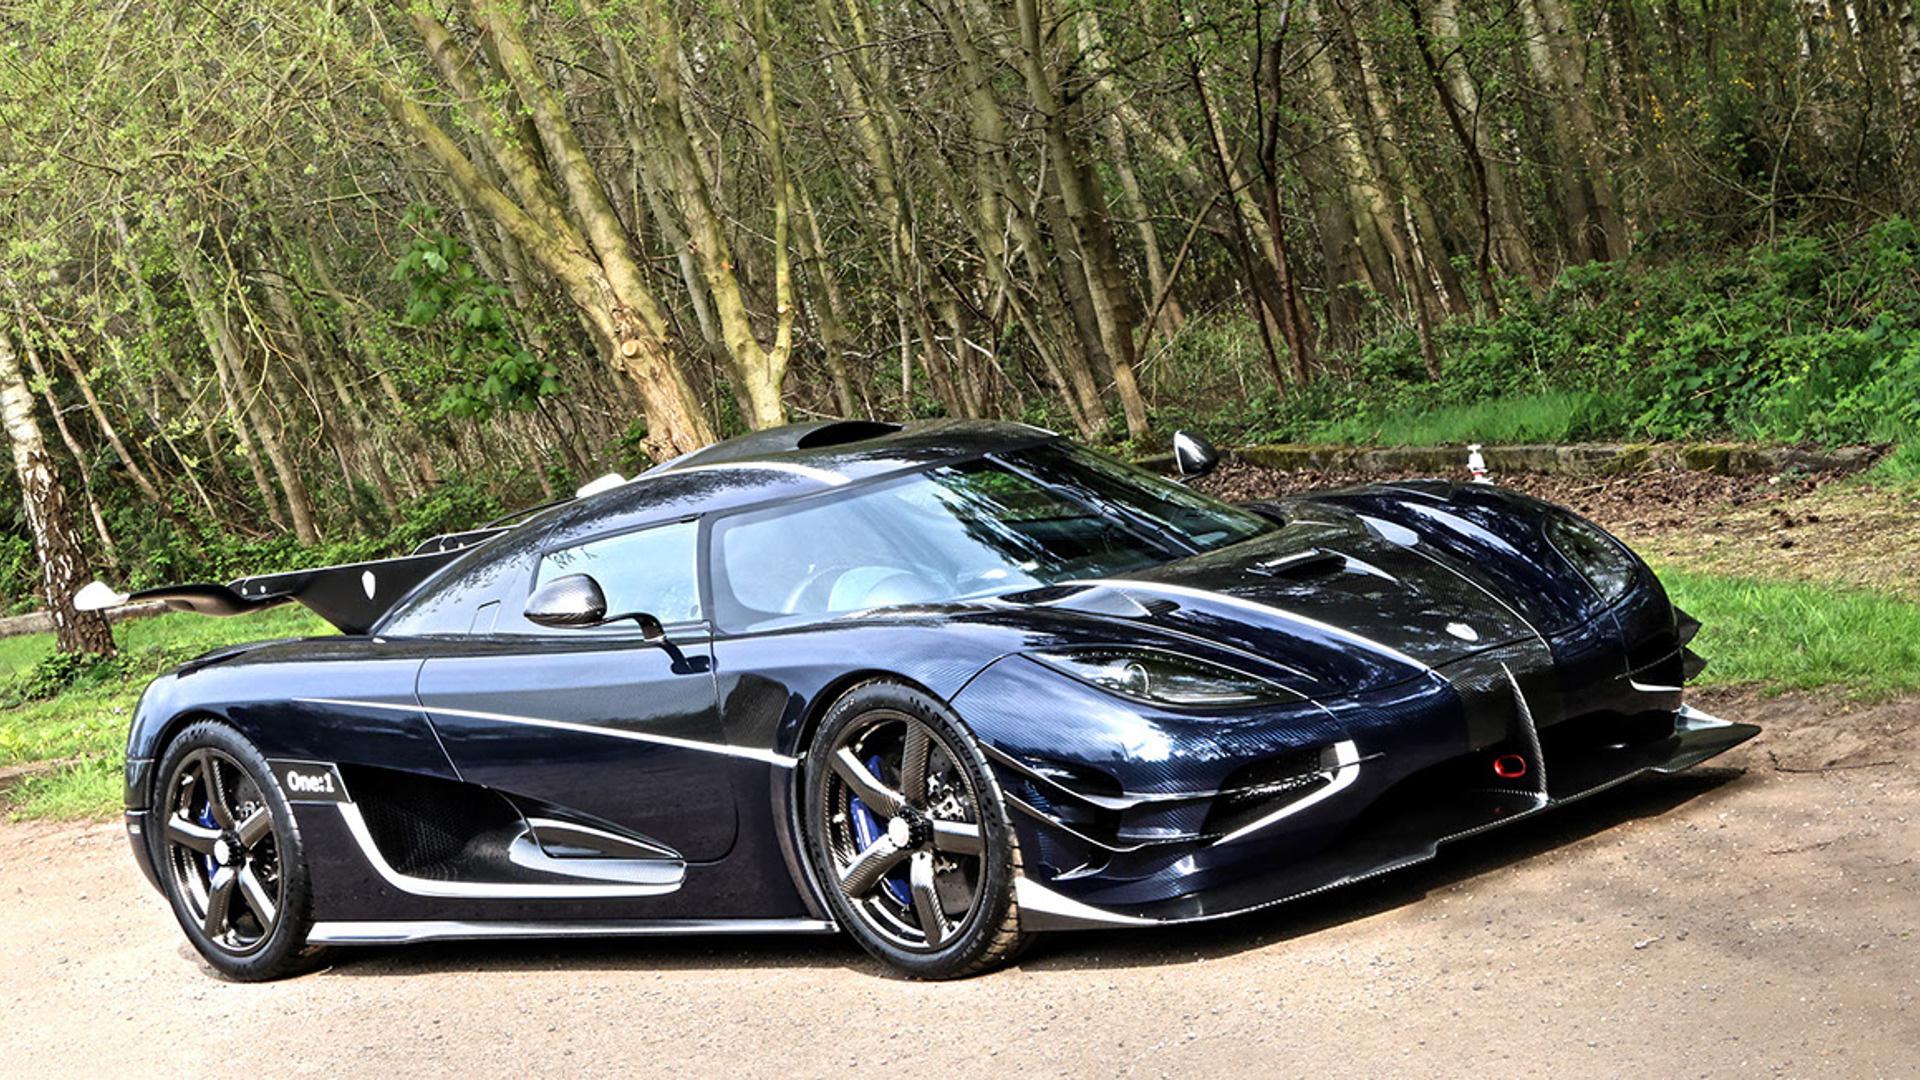 Cận cảnh siêu xe cũ rao bán giá hơn trăm tỷ đồng - Ảnh 8.